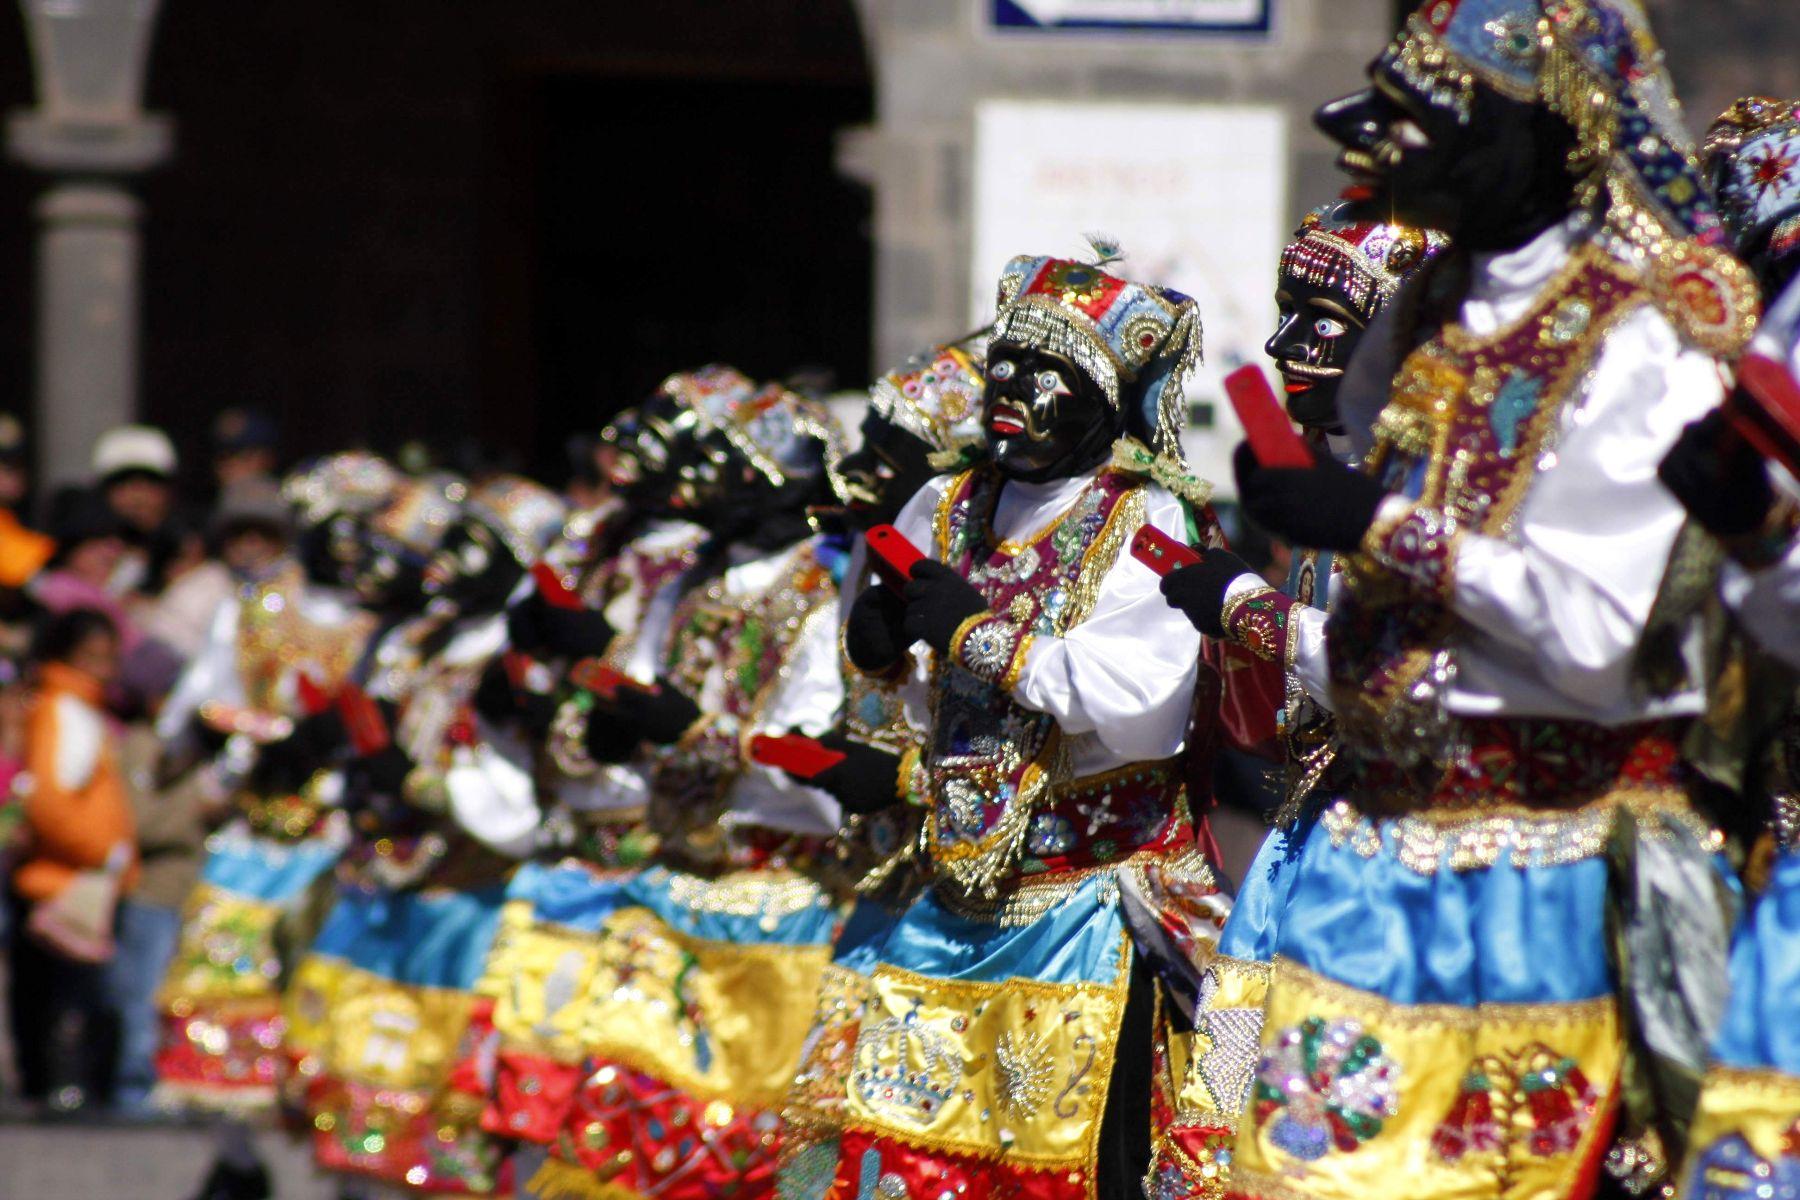 Cusco celebra centenario de Machu Picchu con danzas multicolores. Foto: ANDINA / Percy Hurtado.